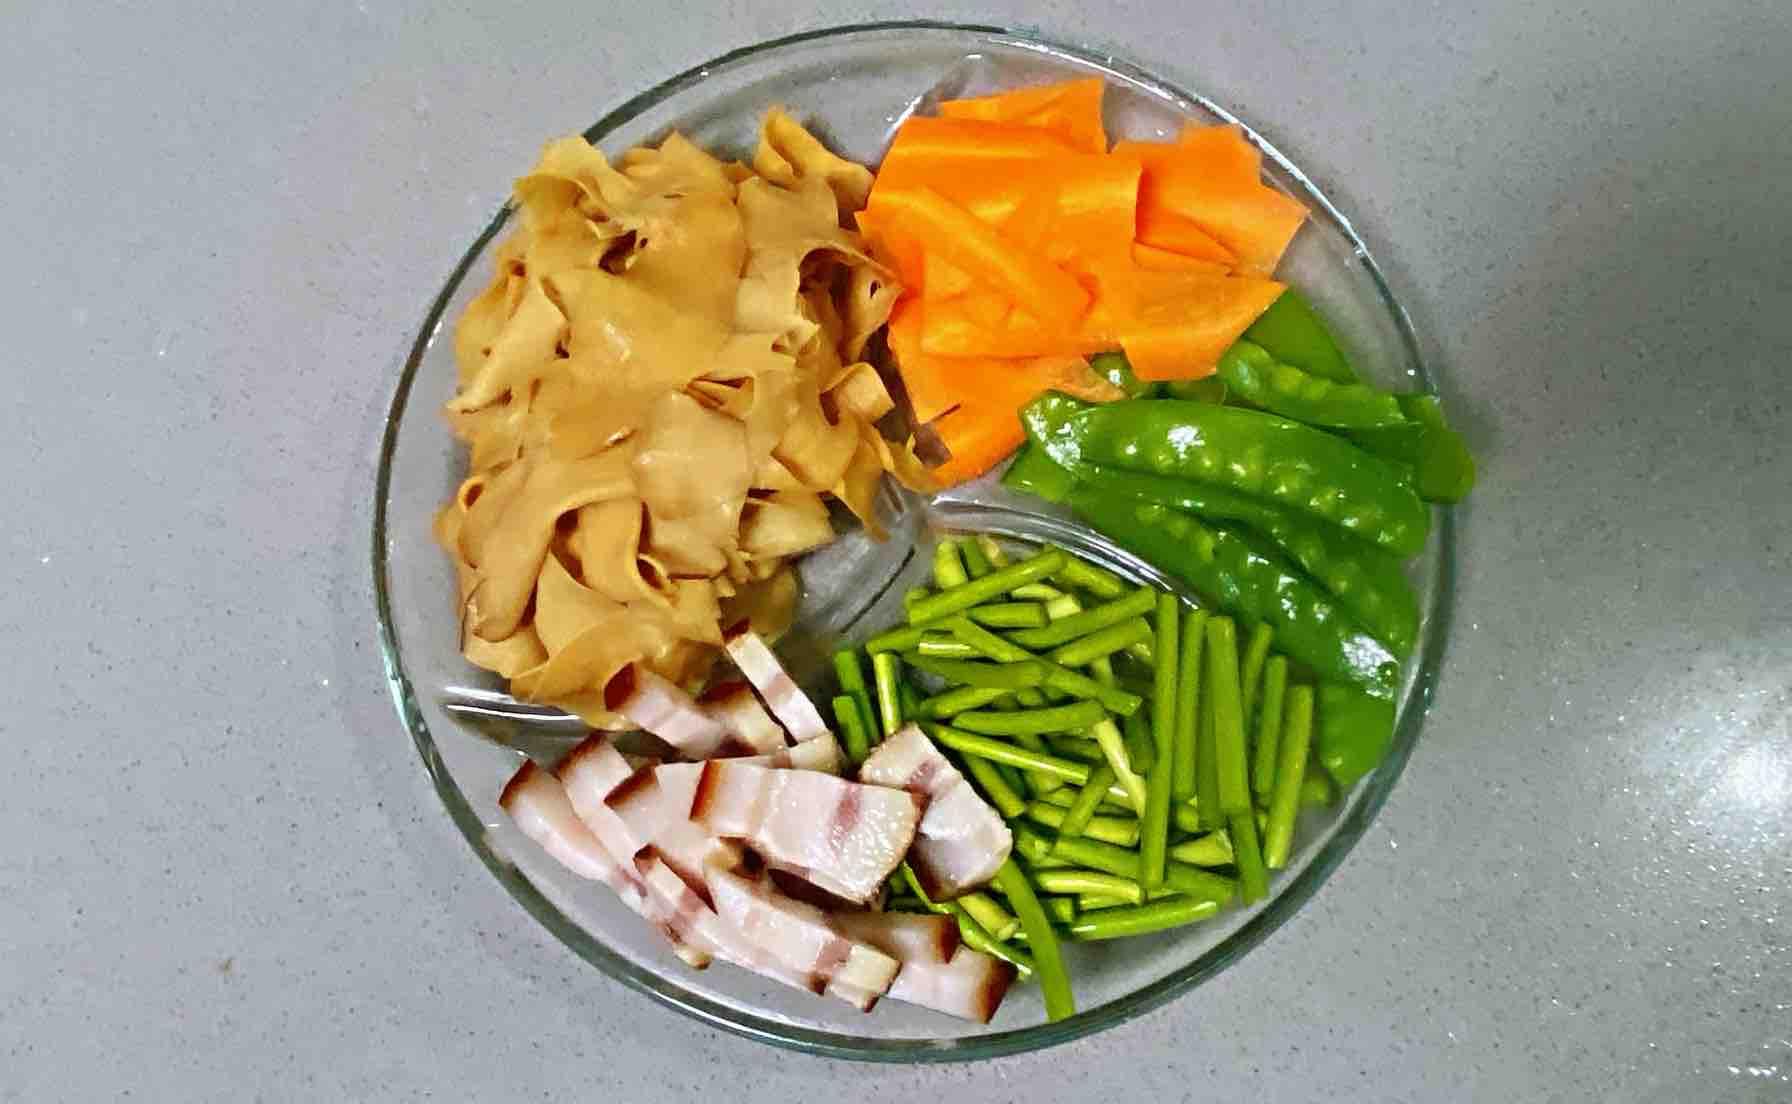 【孕妇食谱】腊肉杏鲍菇炒荷兰豆,口感劲道,腊味扑鼻,色香又味美的简单做法